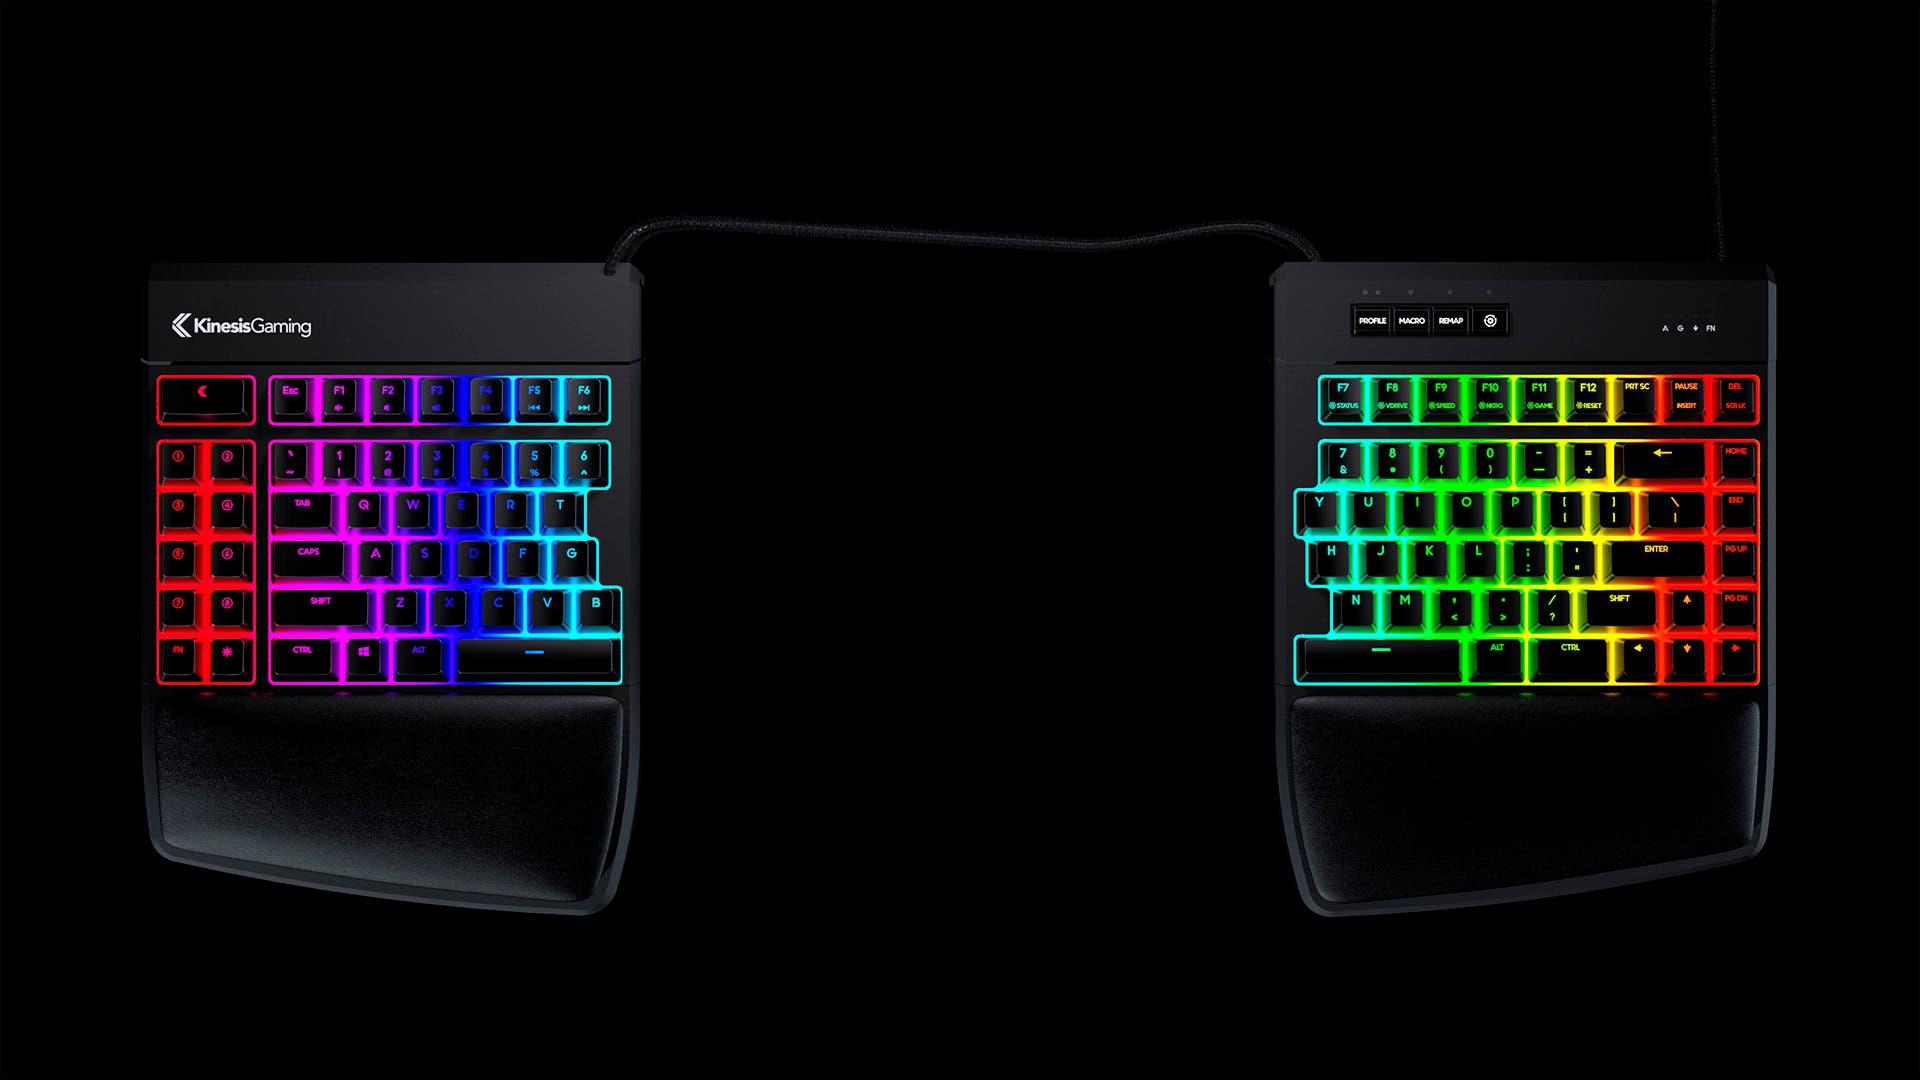 Kinesis Gaming lanza su Freestyle Edge RGB, que aunque no lo parezca, es solo un teclado